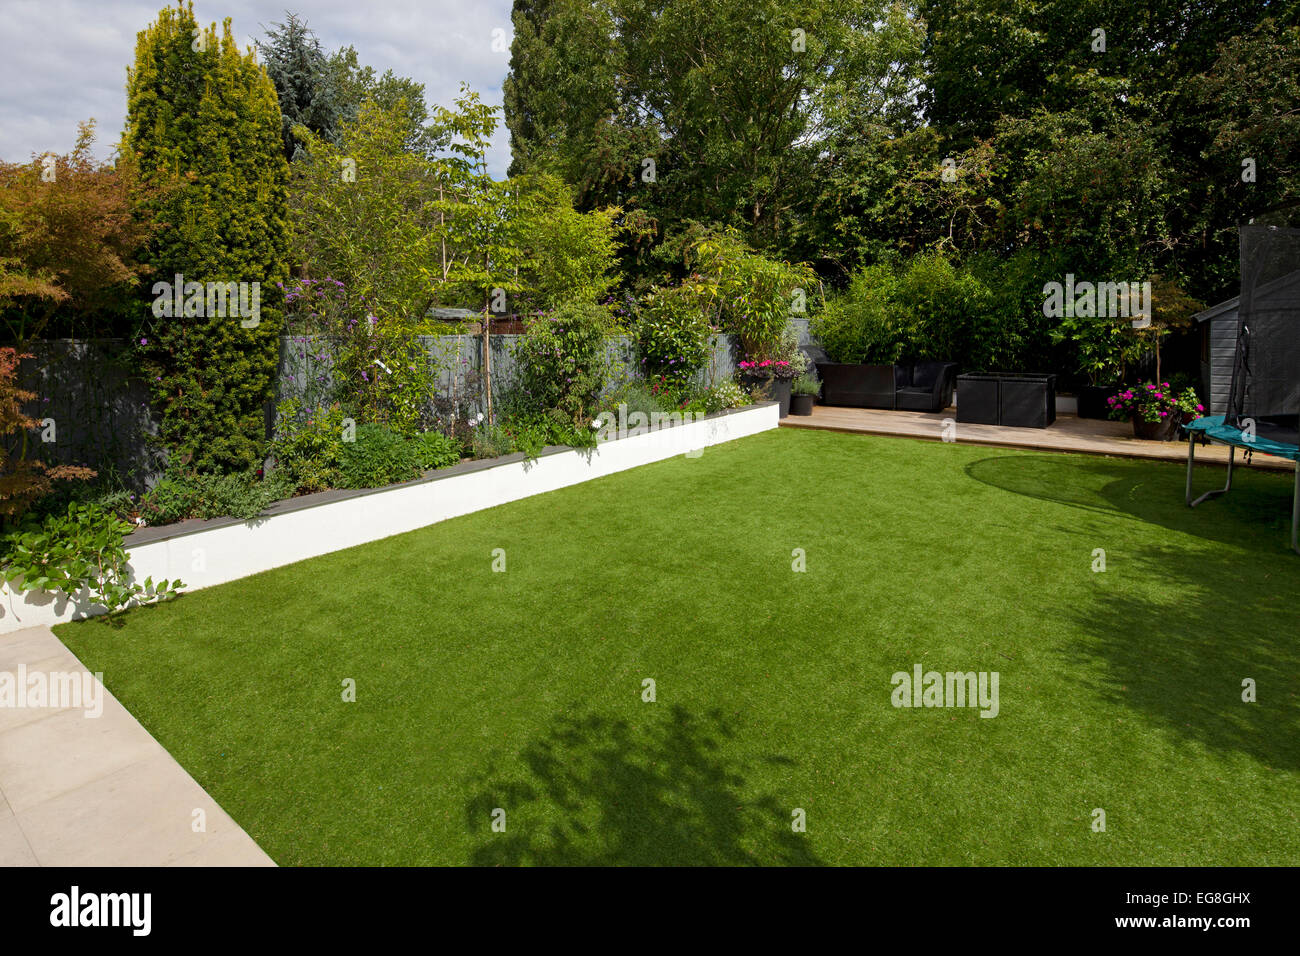 Pelouse synthétique, faux en plastique en anglais,jardin contemporain Oxfordshire, Angleterre Photo Stock